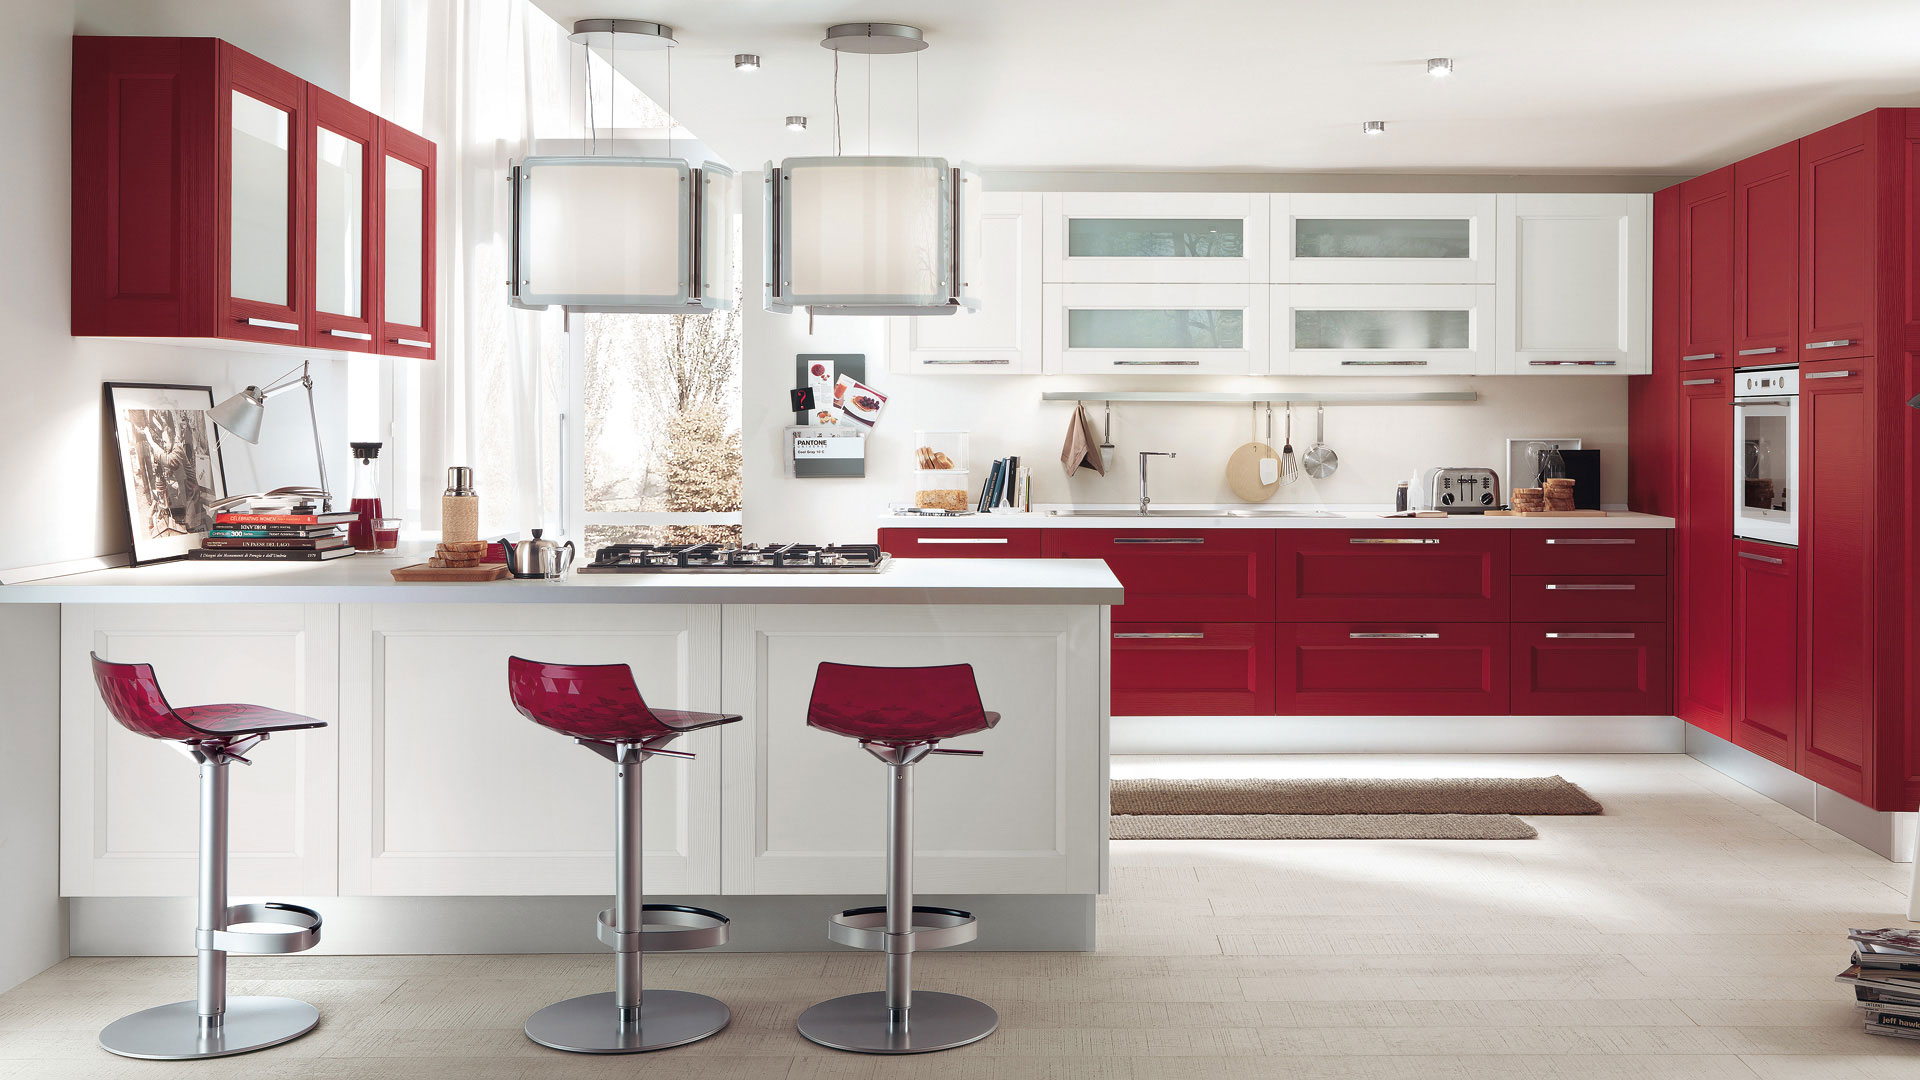 Scegliere la cucina giusta: tra stile e funzionalità ...